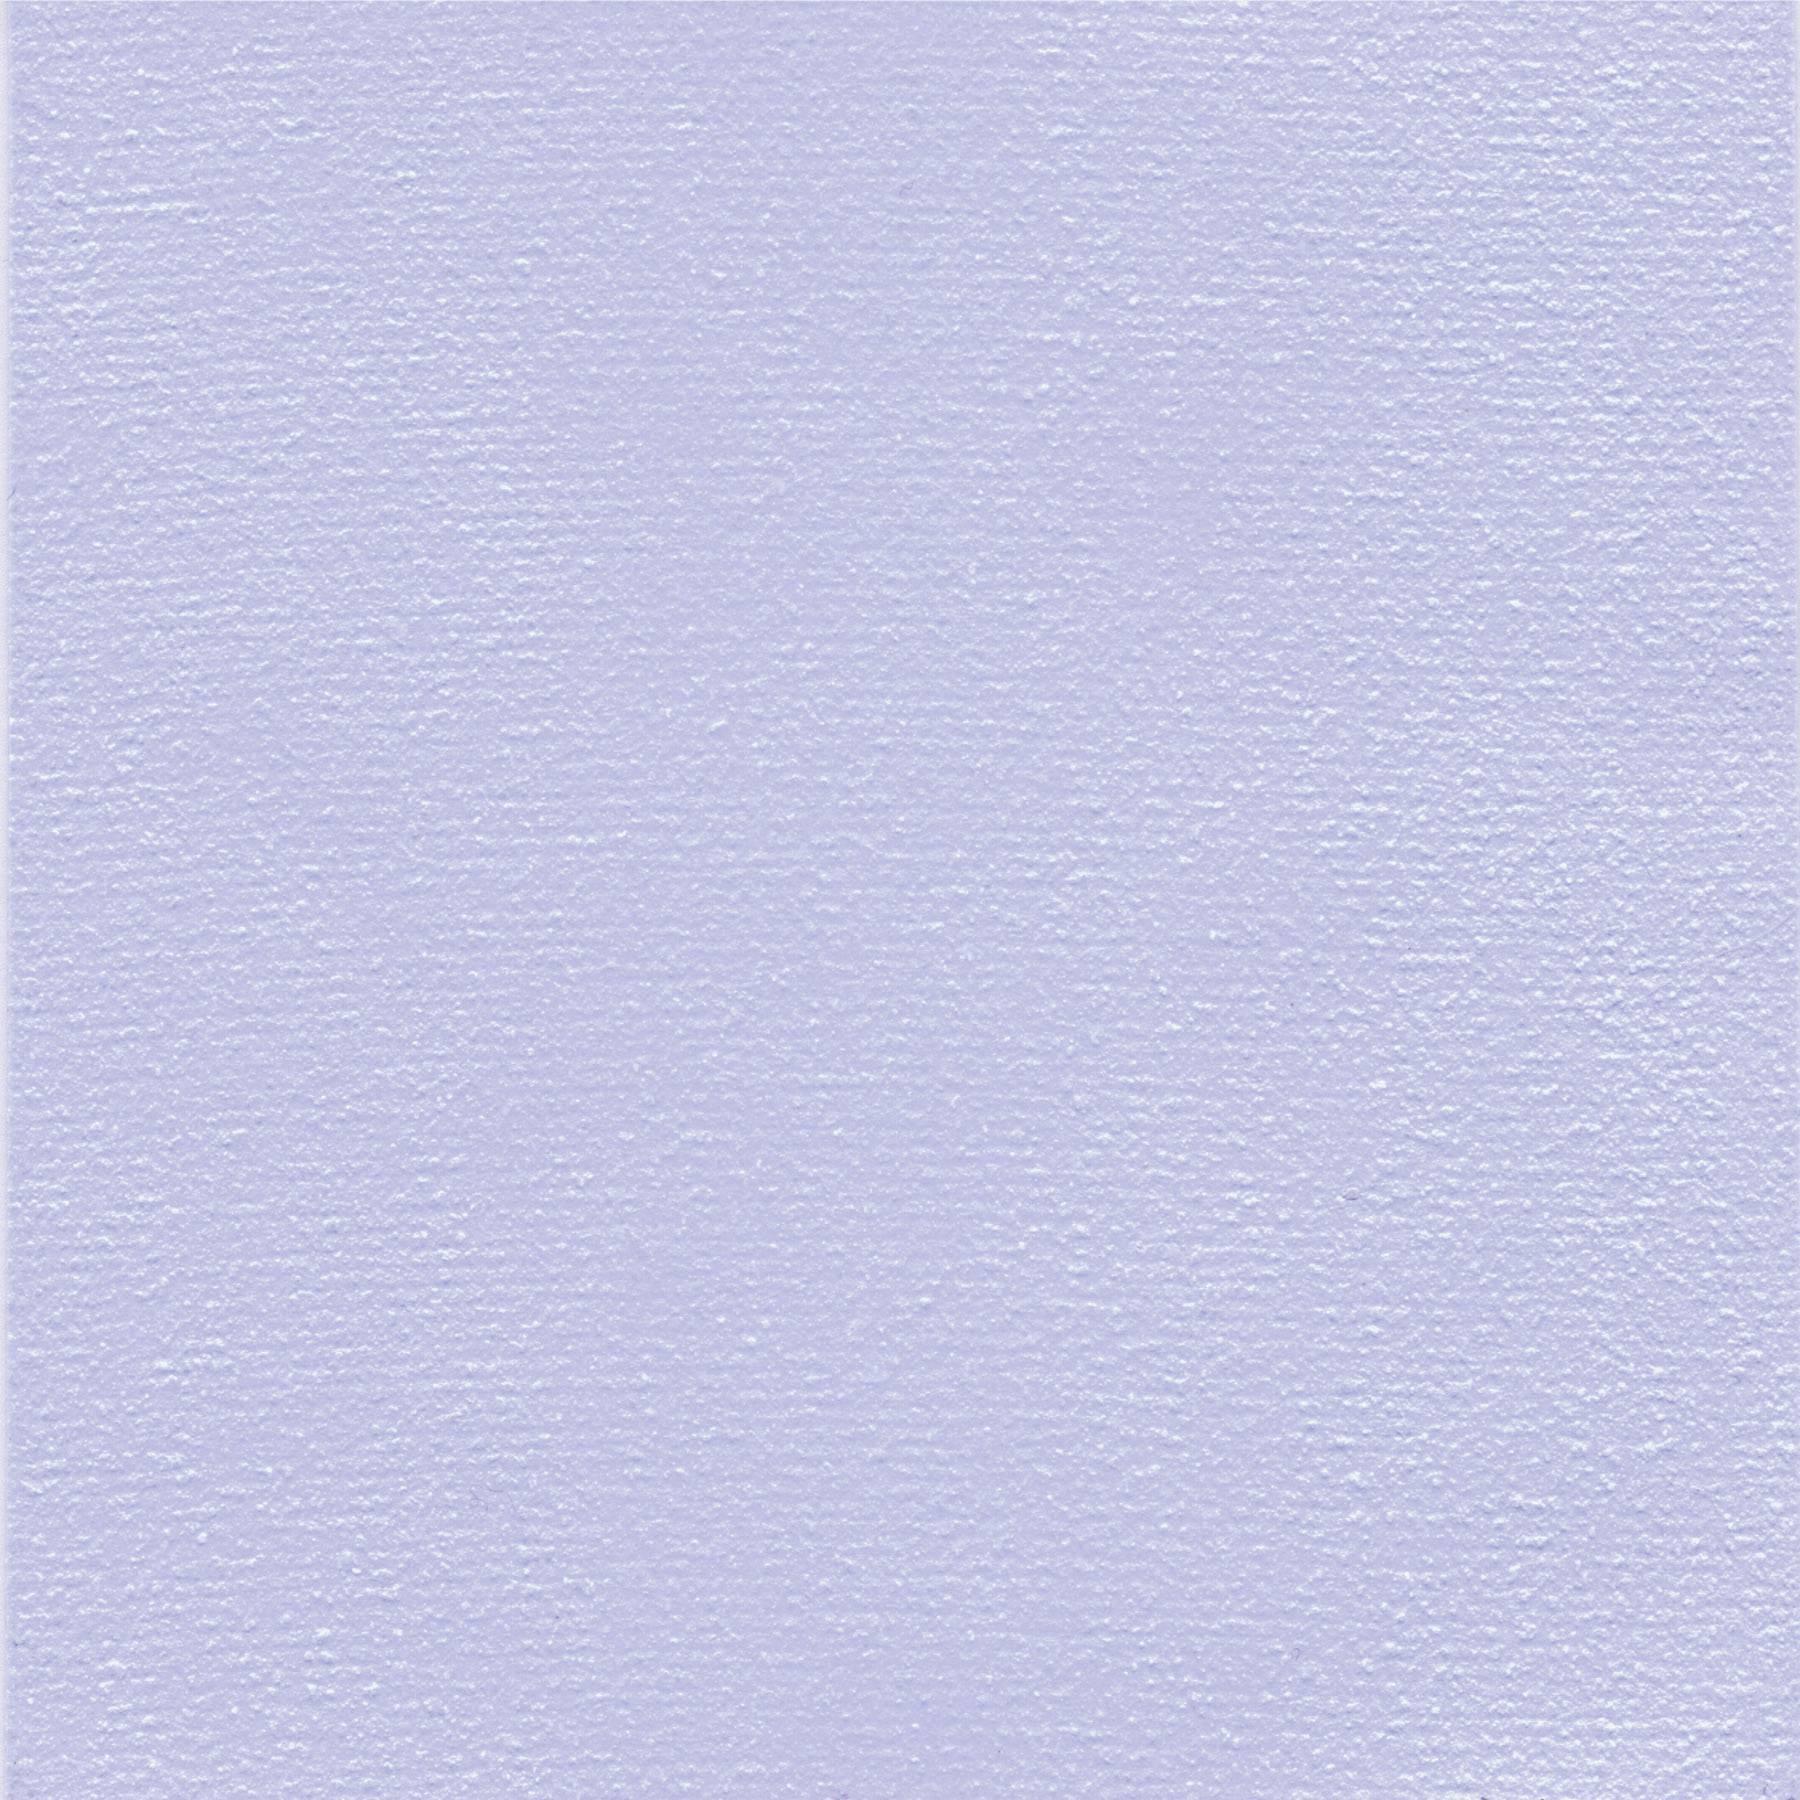 Teplovodivá fólie SoftthermR 86/300 120x200x1 mm